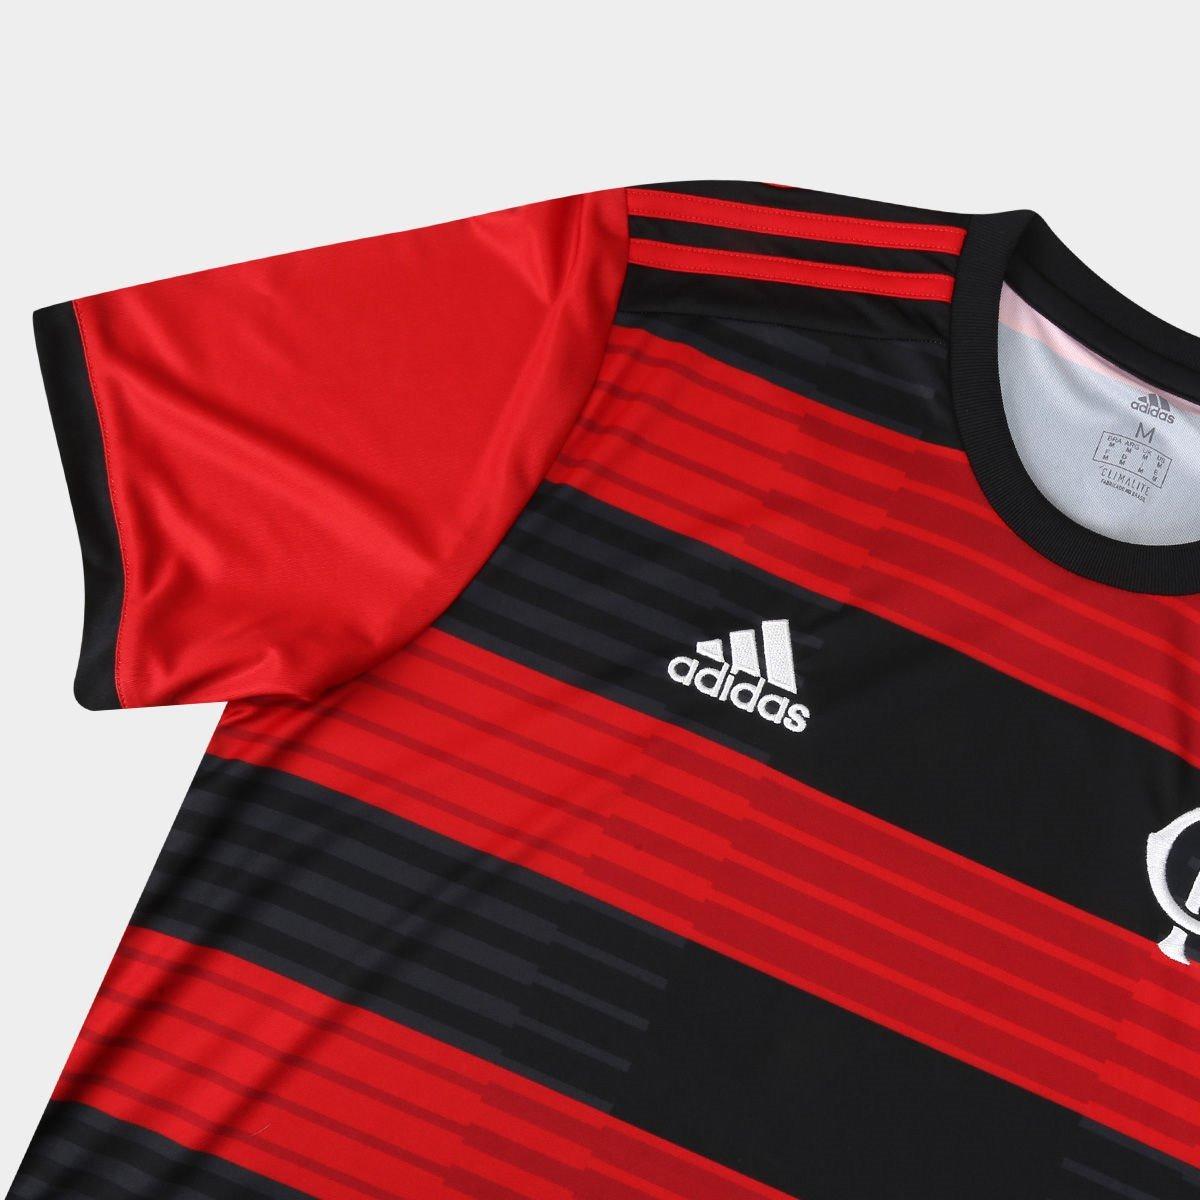 c265f0cf04 ... Masculina 356acd9c15cd0f  nova camisa flamengo original adidas 2018 s  nº torcedor casa. Carregando zoom. c6d7543037b6ab ...